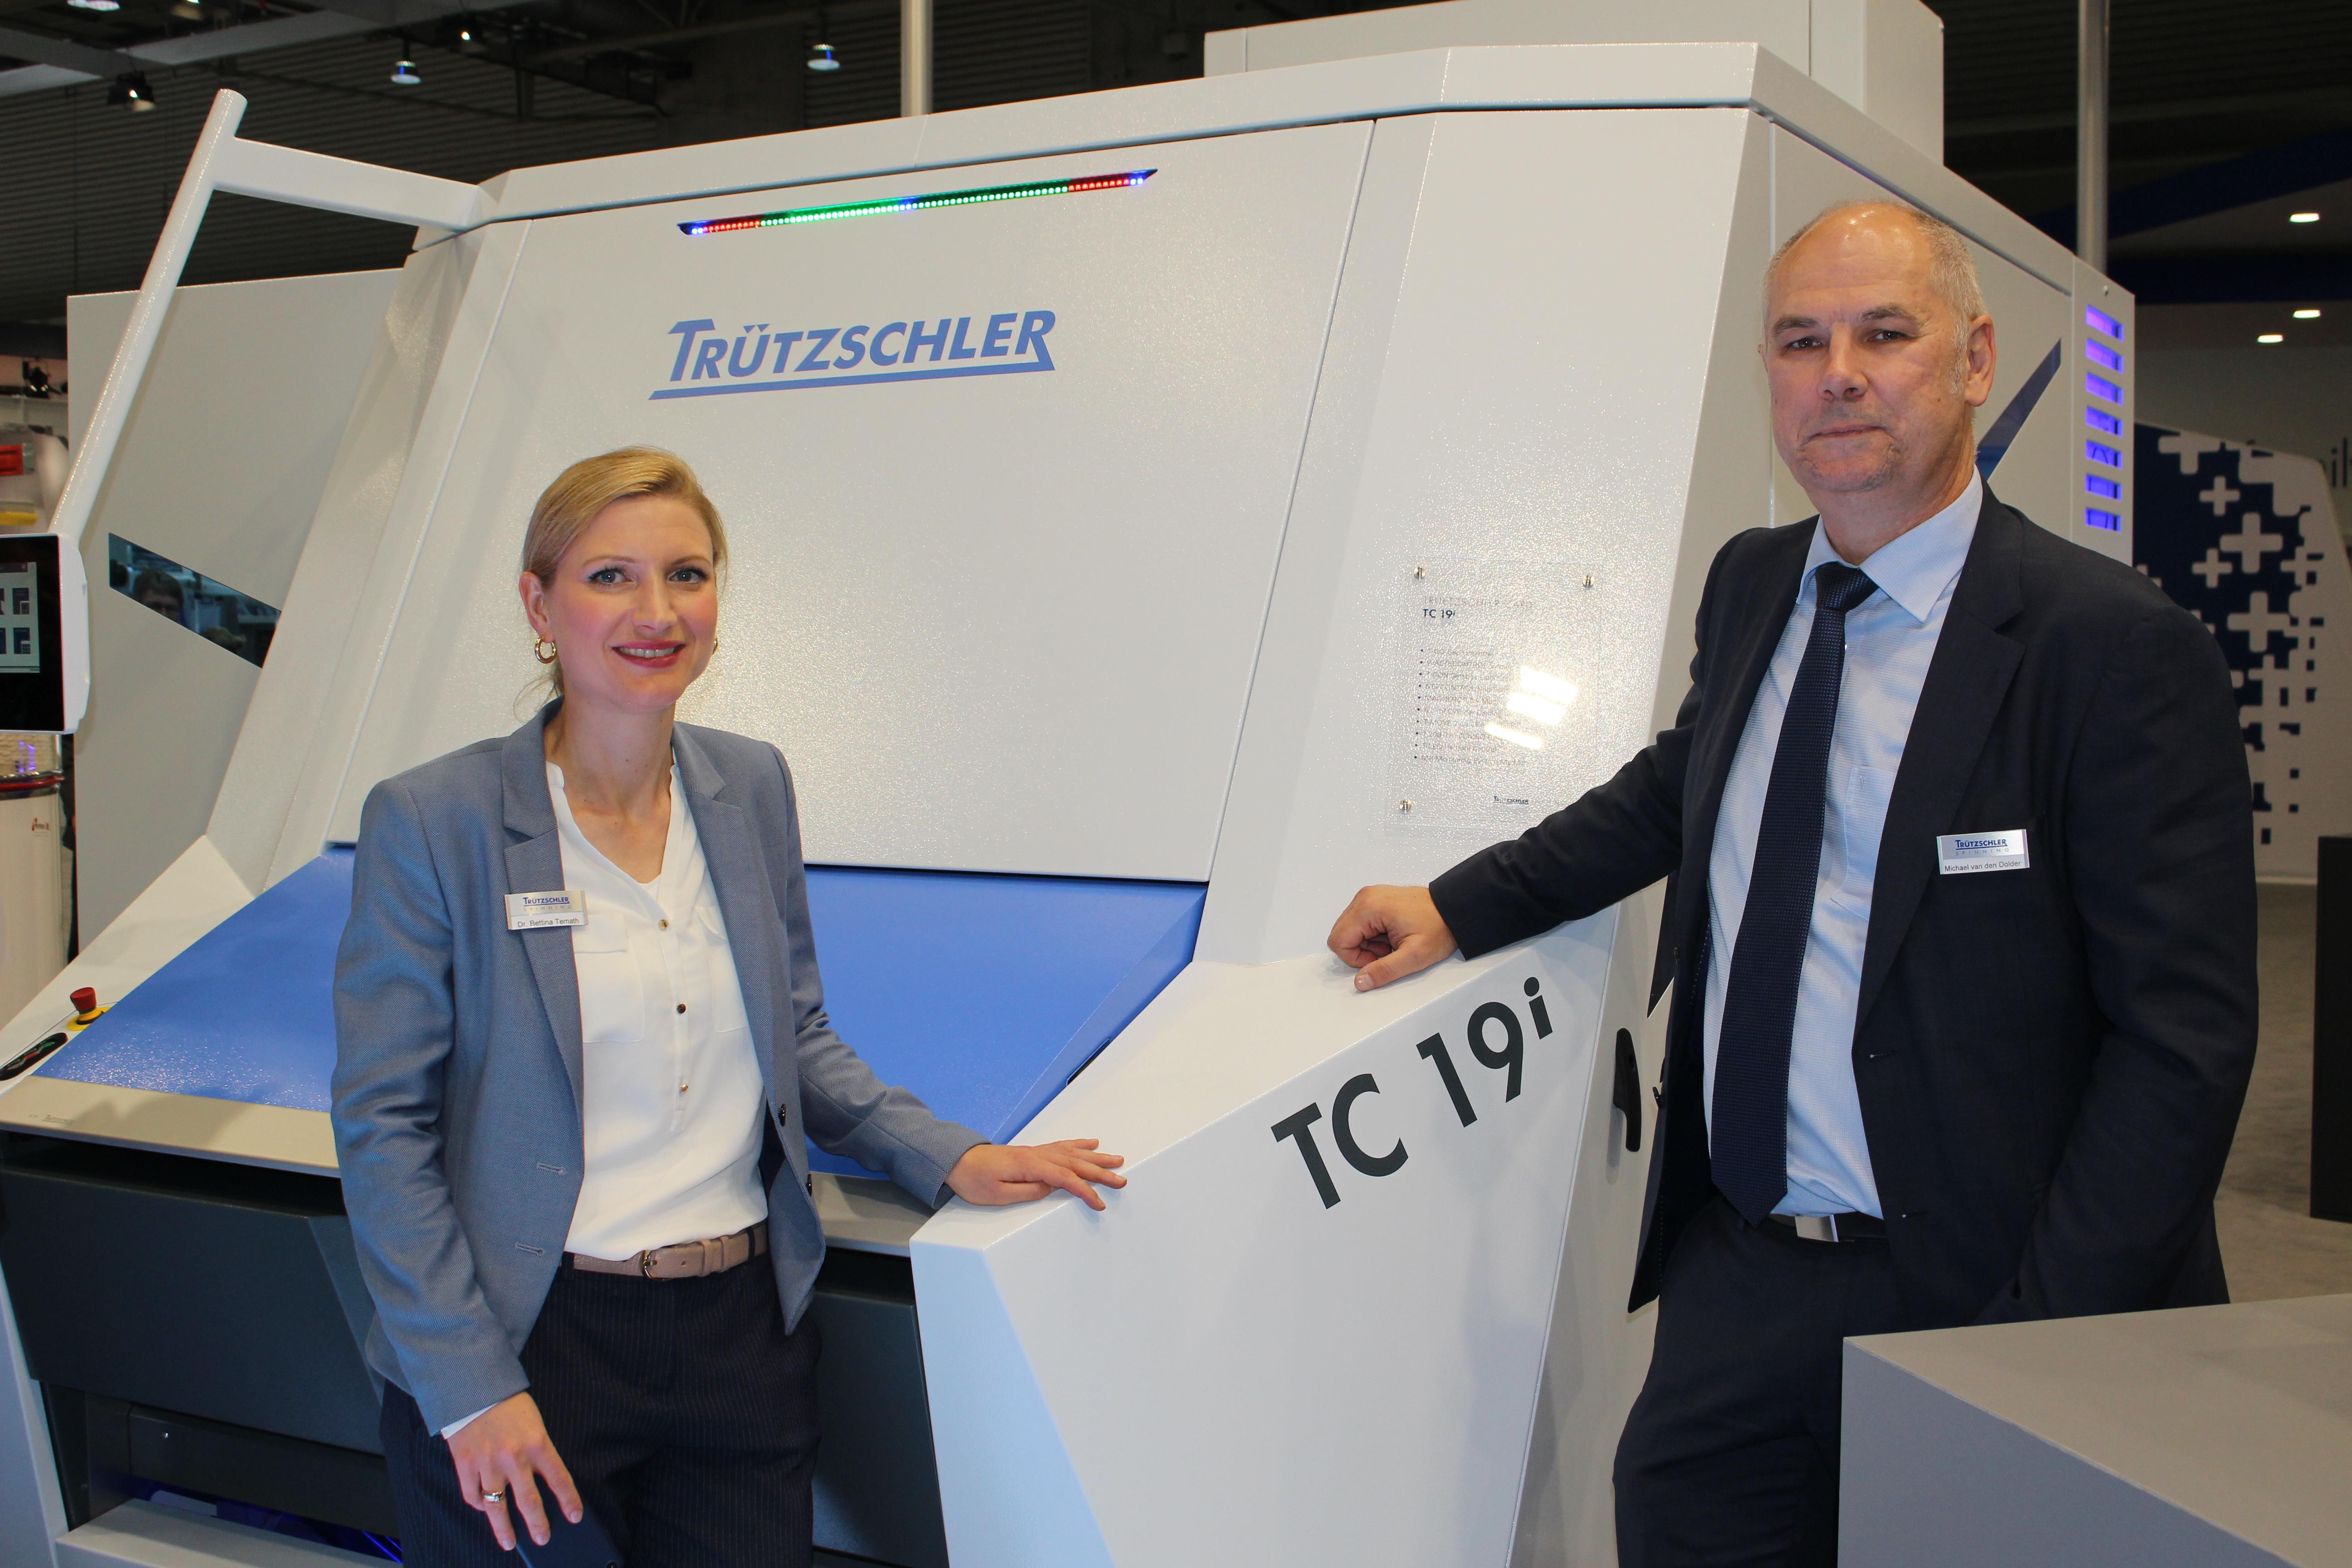 Trützschler to Focus on Sustainability and Digitalisation